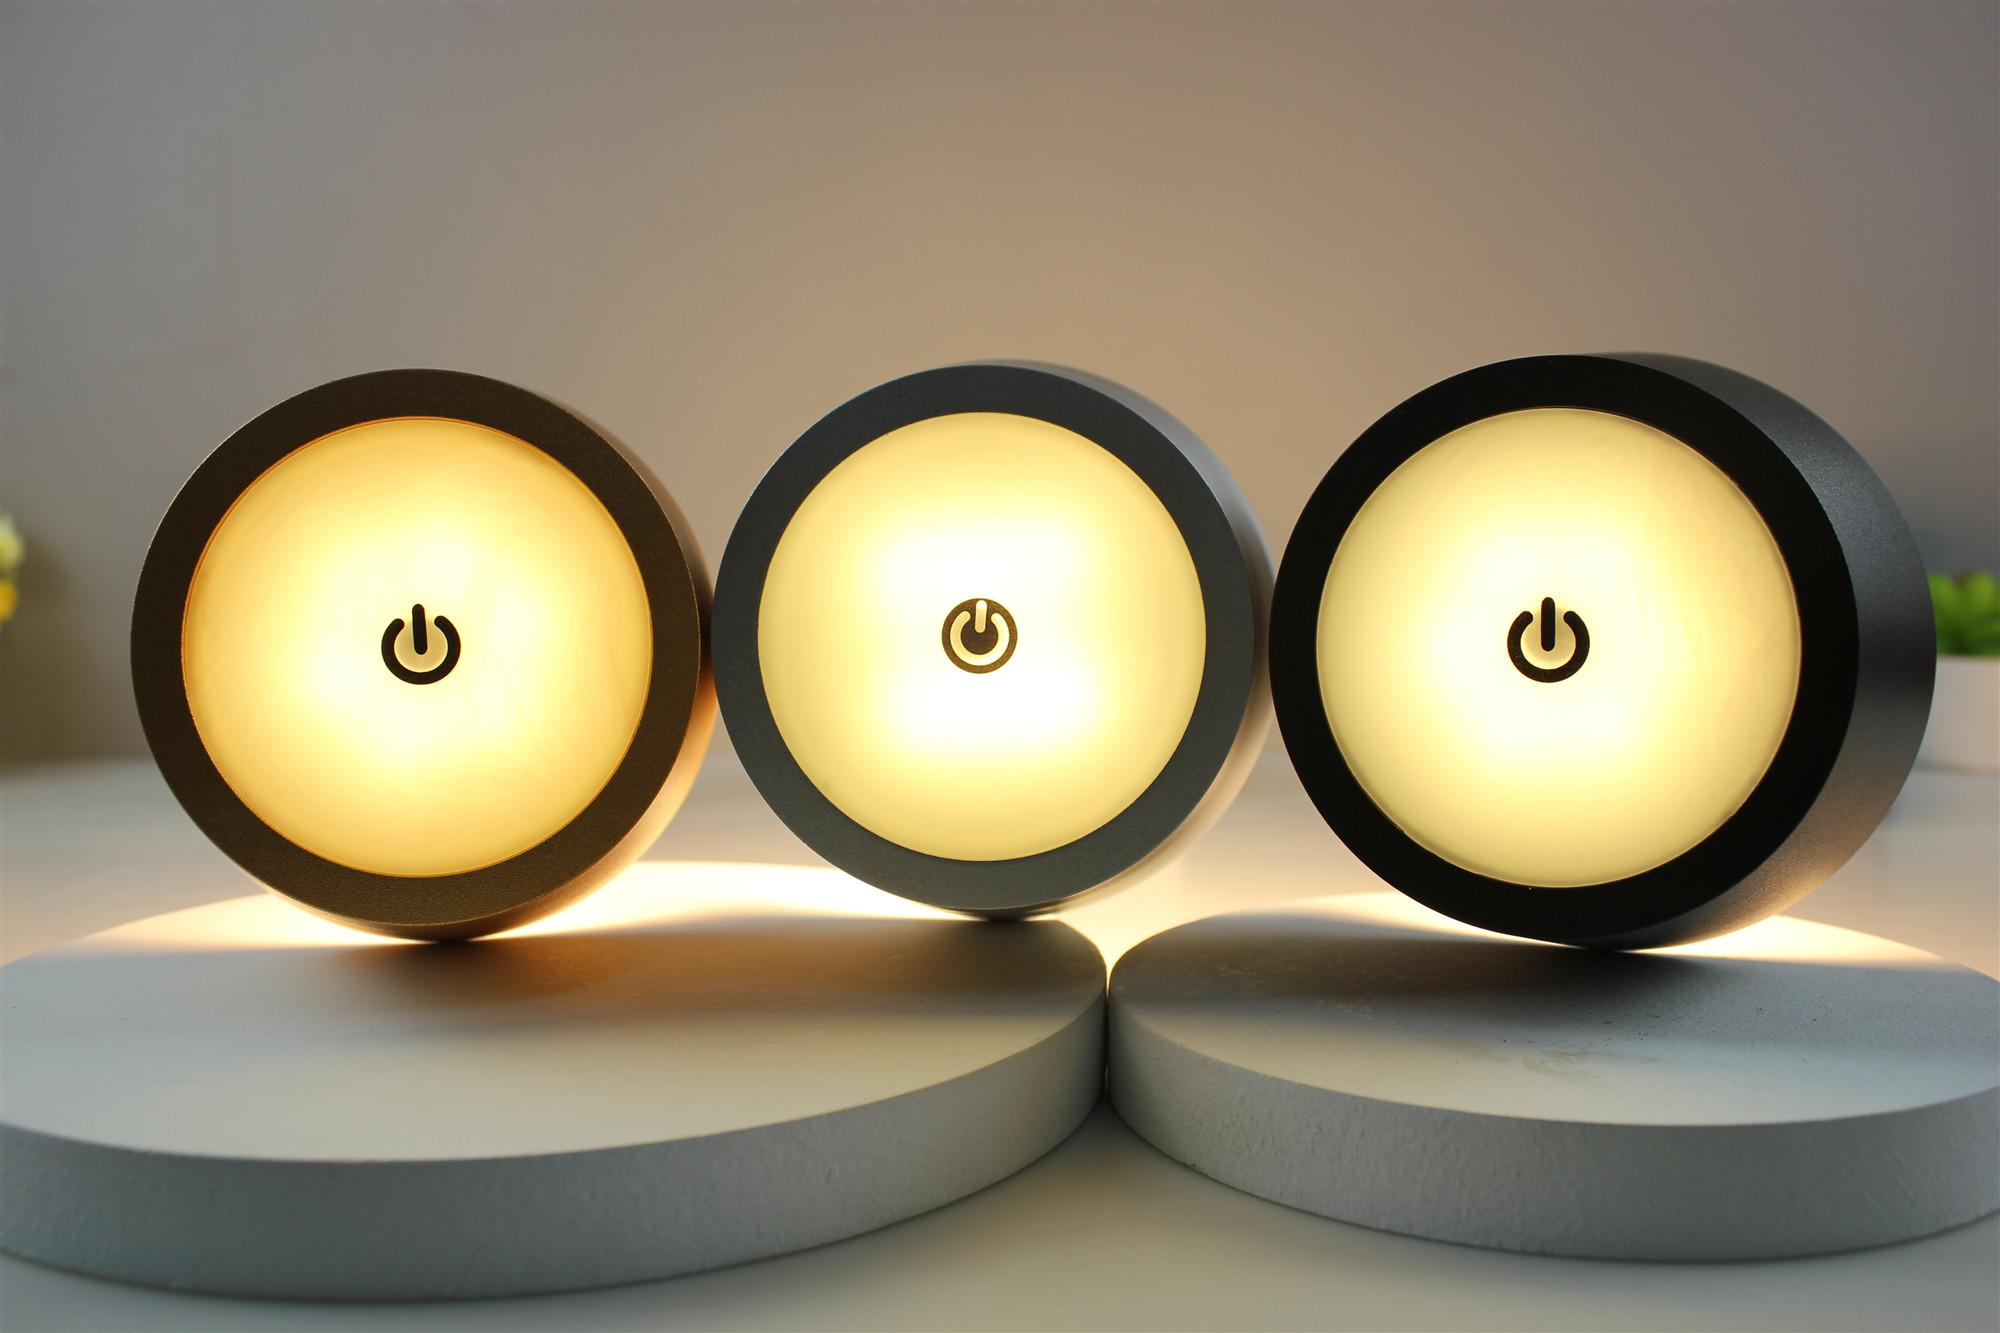 2021 zafferano poldina pro скандинавские металлические черные настольные лампы декоративные гостиной кровати боковые настольные лампы беспроводные